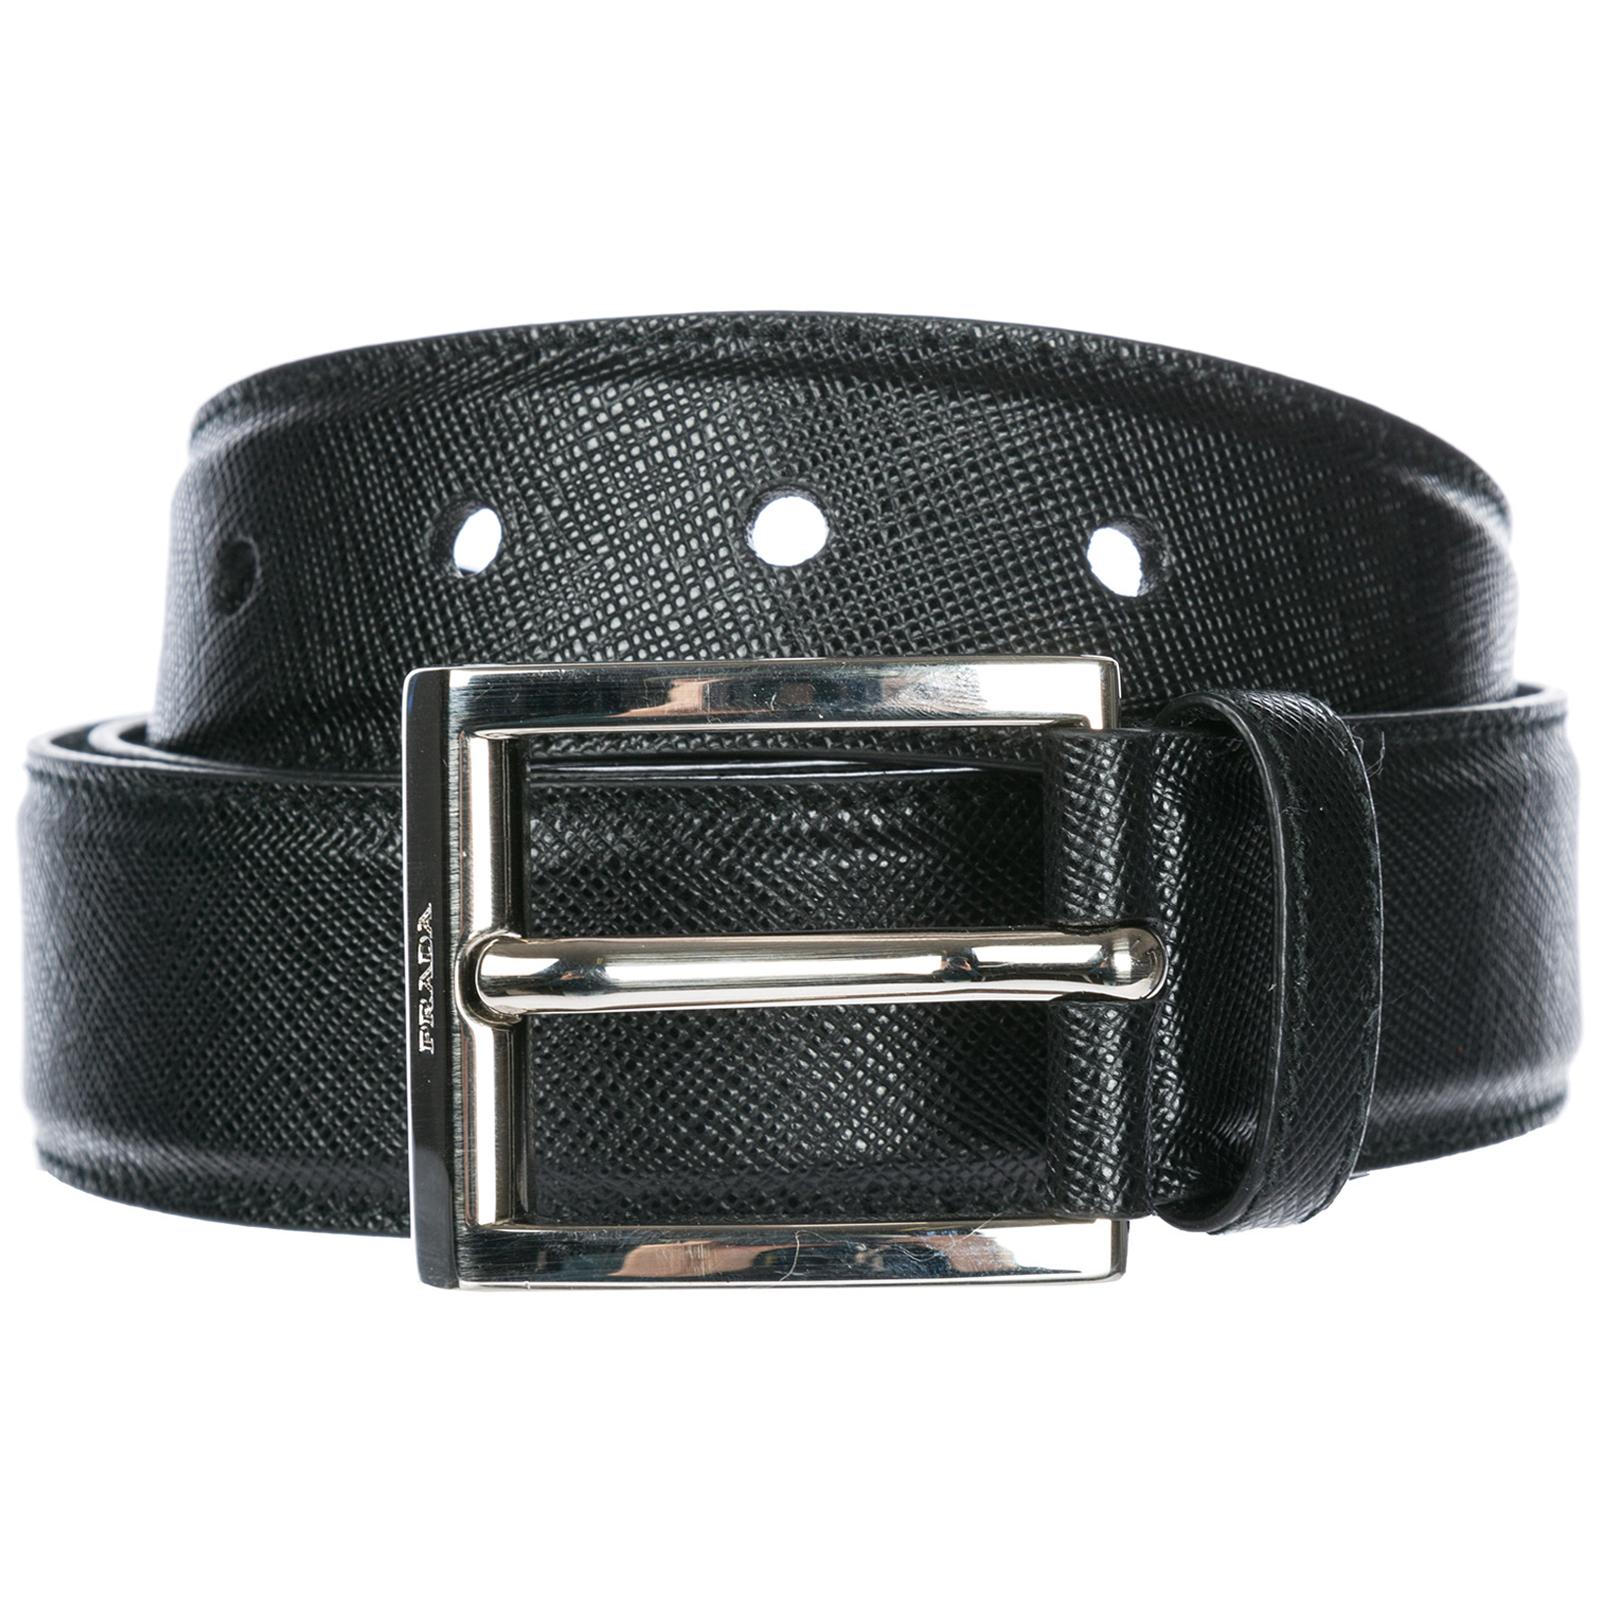 ebdf467265c7 Cintura Prada 2CC009 053 F0002 nero   FRMODA.com